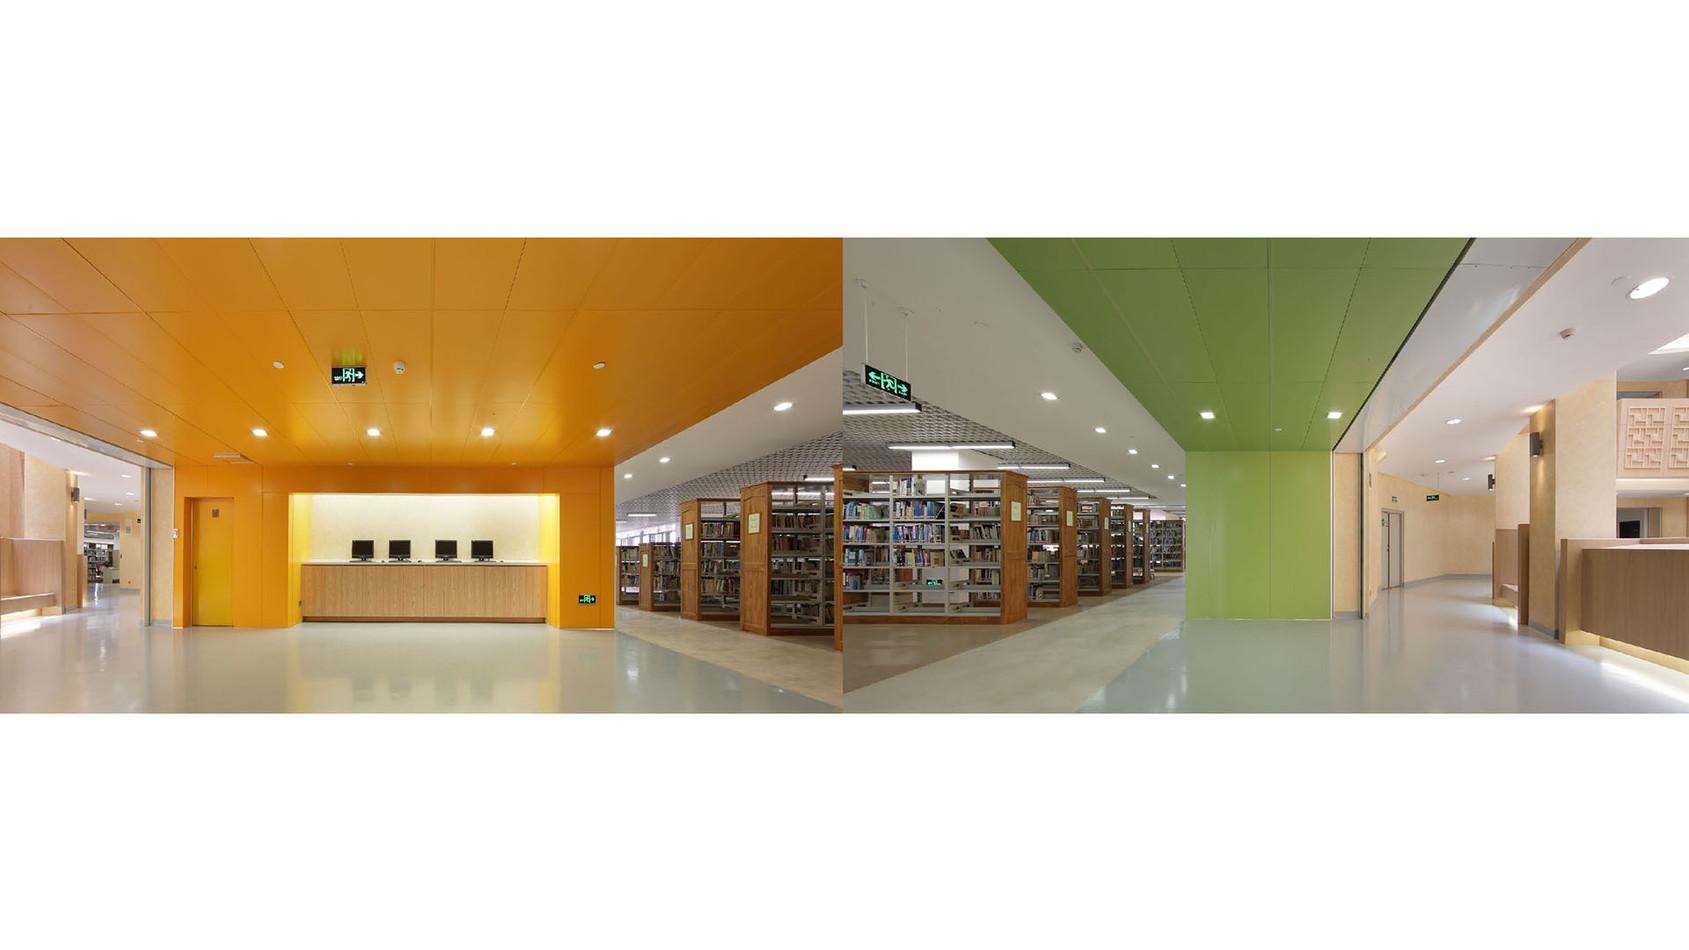 LIBRARY-FOR-KUNMING-UNIVERSITY-EN 15.jpg